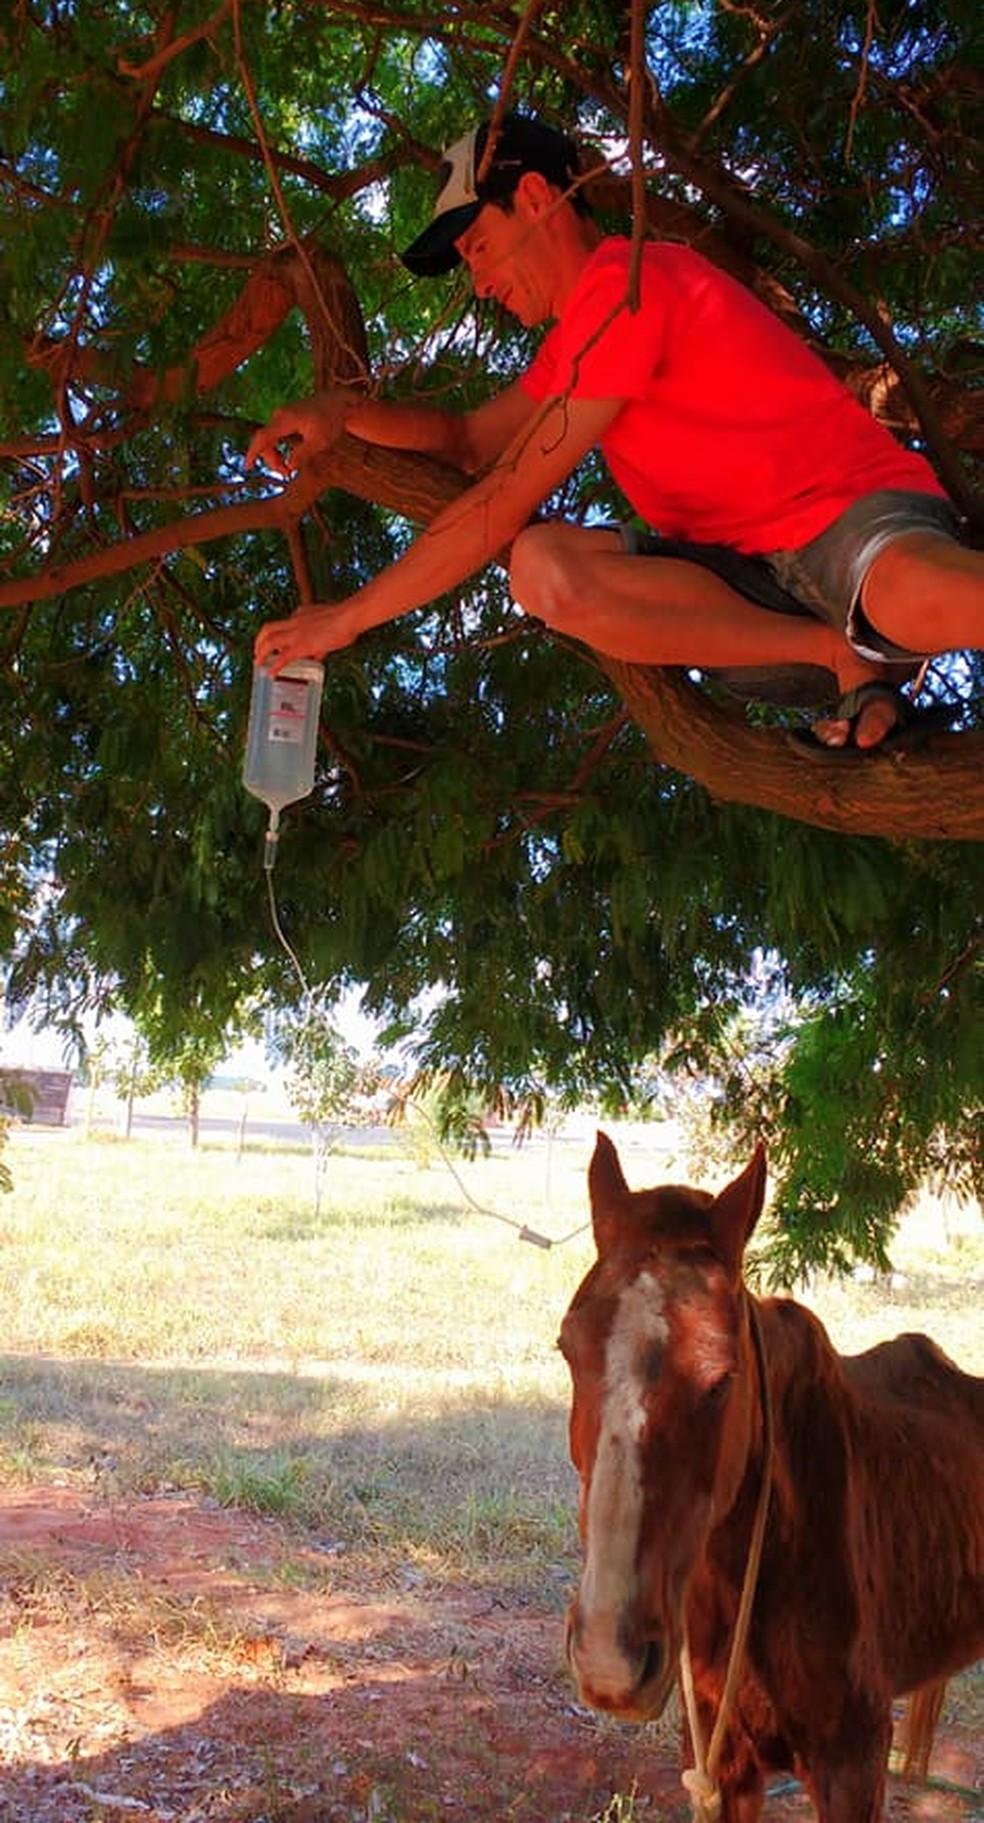 Homem sobe em árvore para segurar a bolsa de soro de um cavalo que era maltratado em Novo Horizonte (SP) (Foto: Arquivo pessoal)